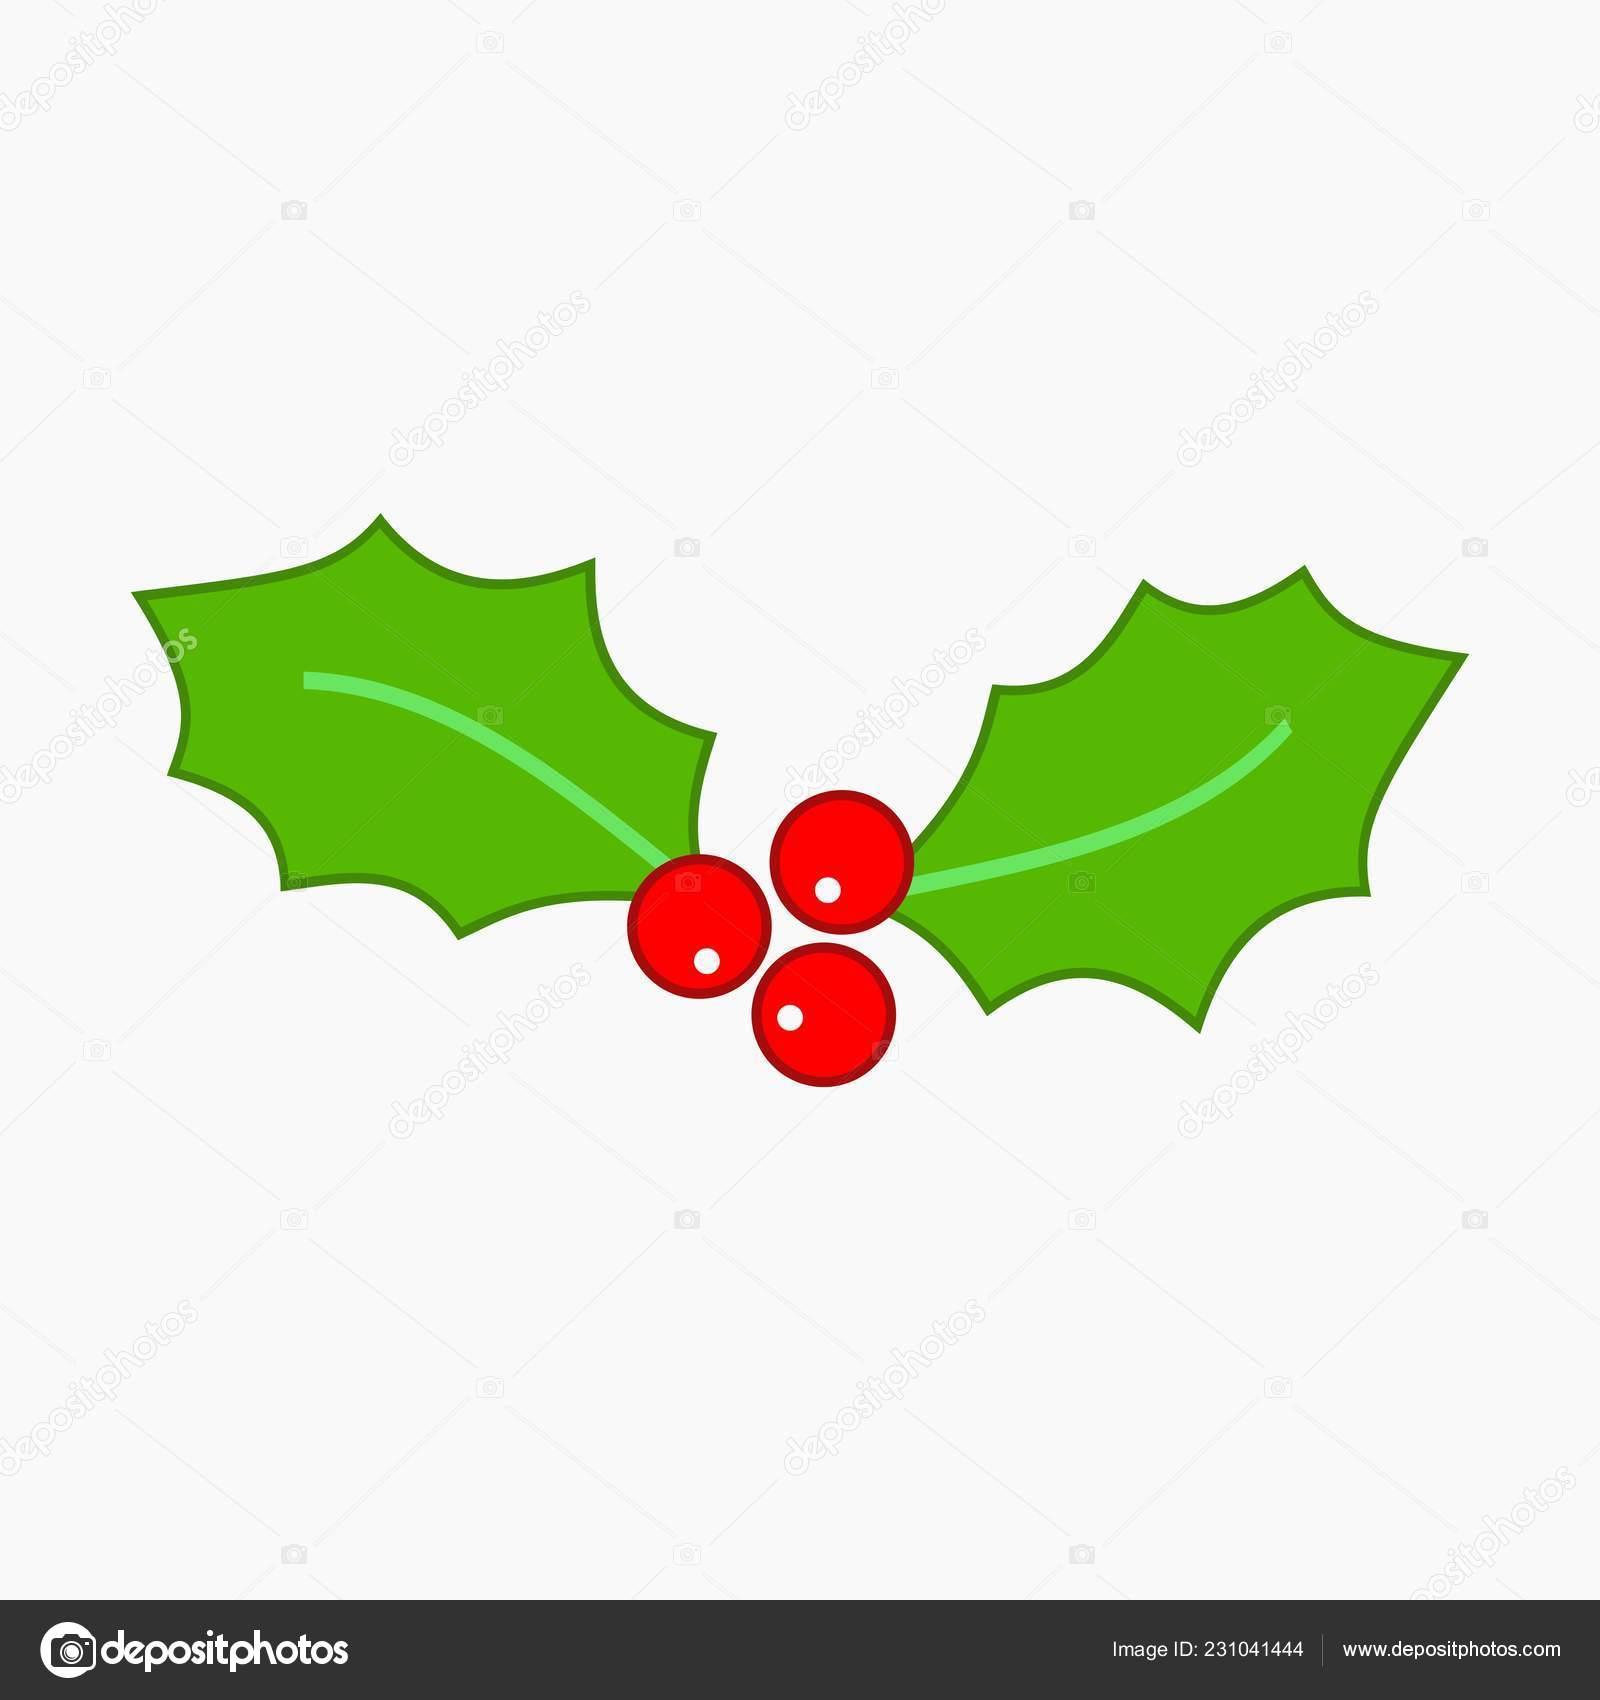 Christmas Holly Cartoon.Images Holly Leaves Cartoon Vector Cartoon Simple Style